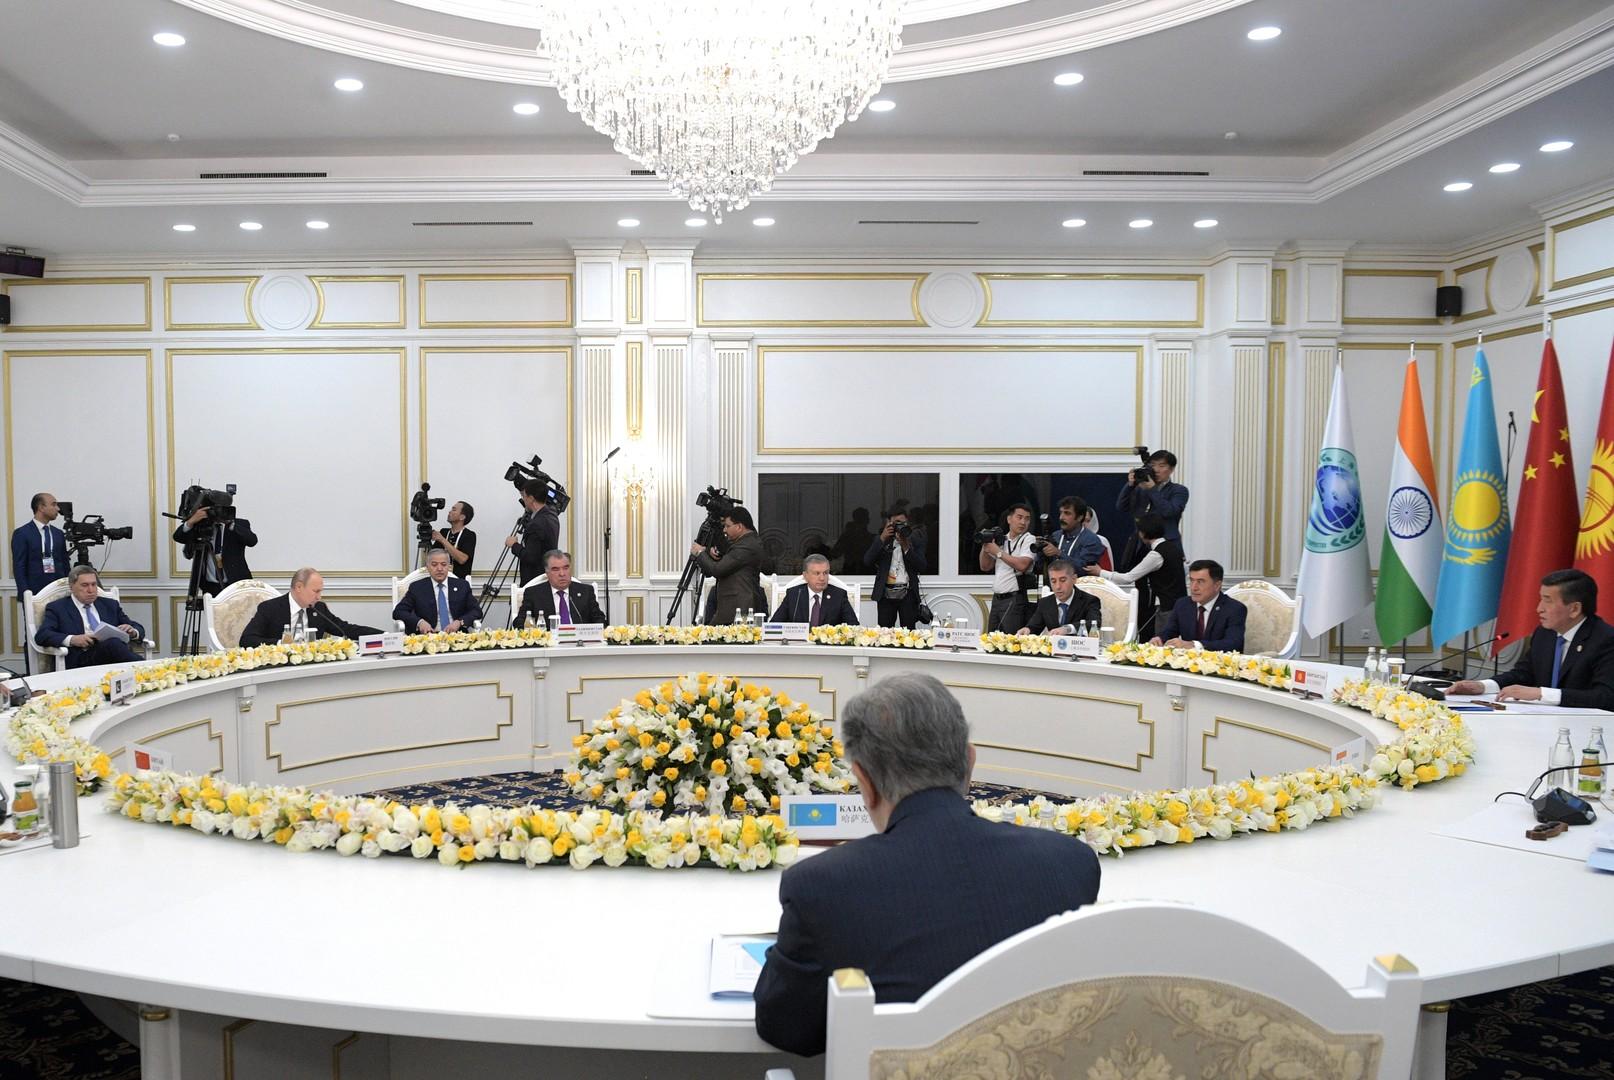 إيران وسوريا ومكافحة الإرهاب بين أهم محاور البيان الختامي لقمة منظمة شنغهاي